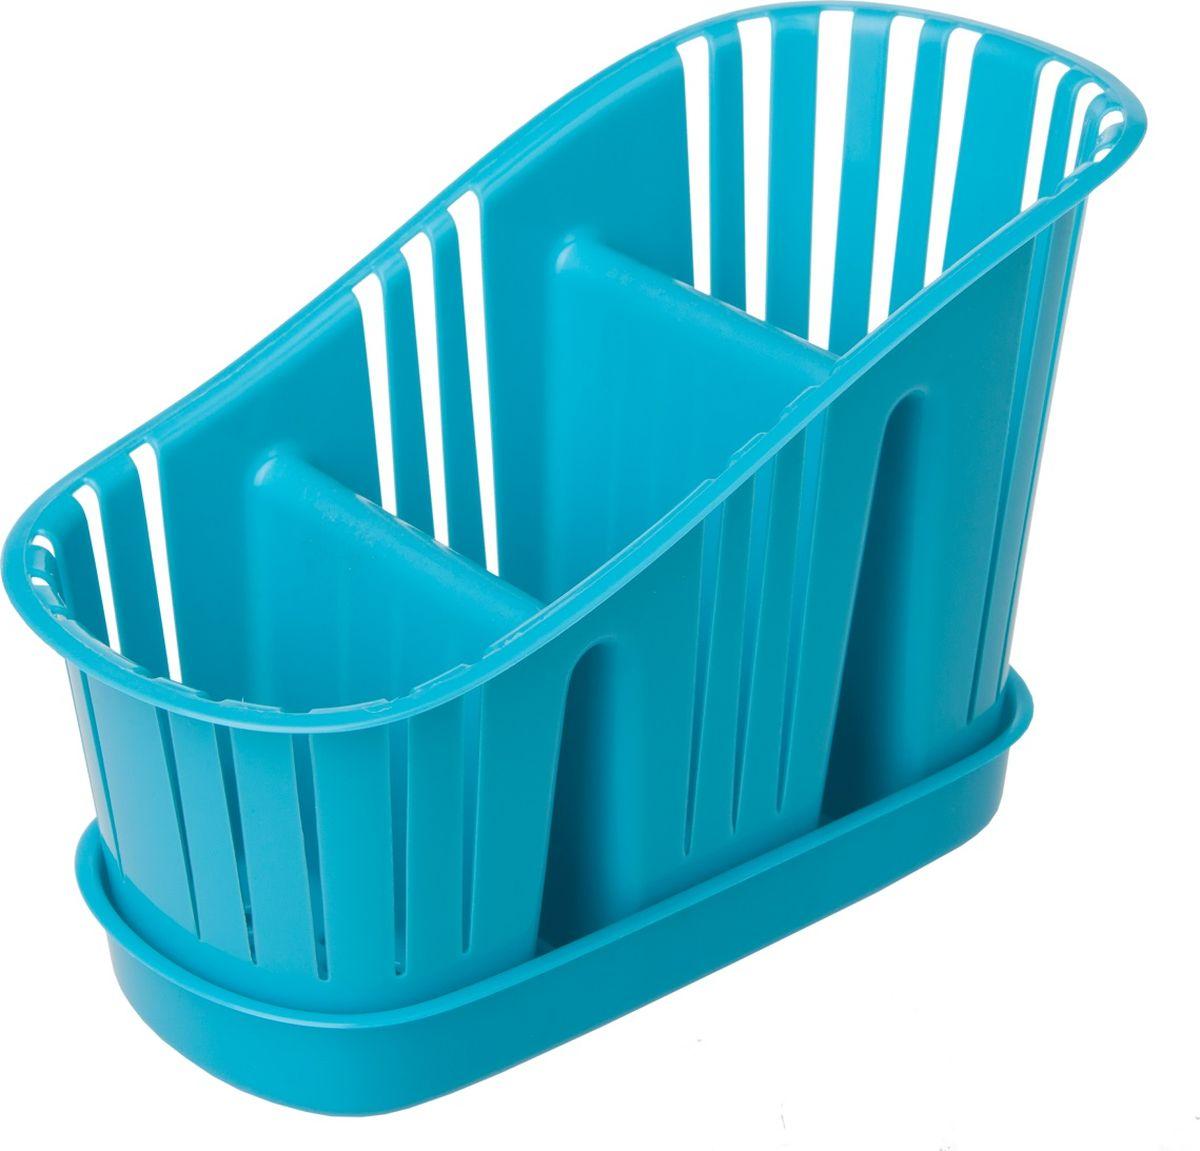 Сушилка для столовых приборов Plast Team, 3-секционная, с поддоном, цвет: голубойPT9091ГОЛ-15Компактная сушилка для столовых приборов с поддоном для слива воды.